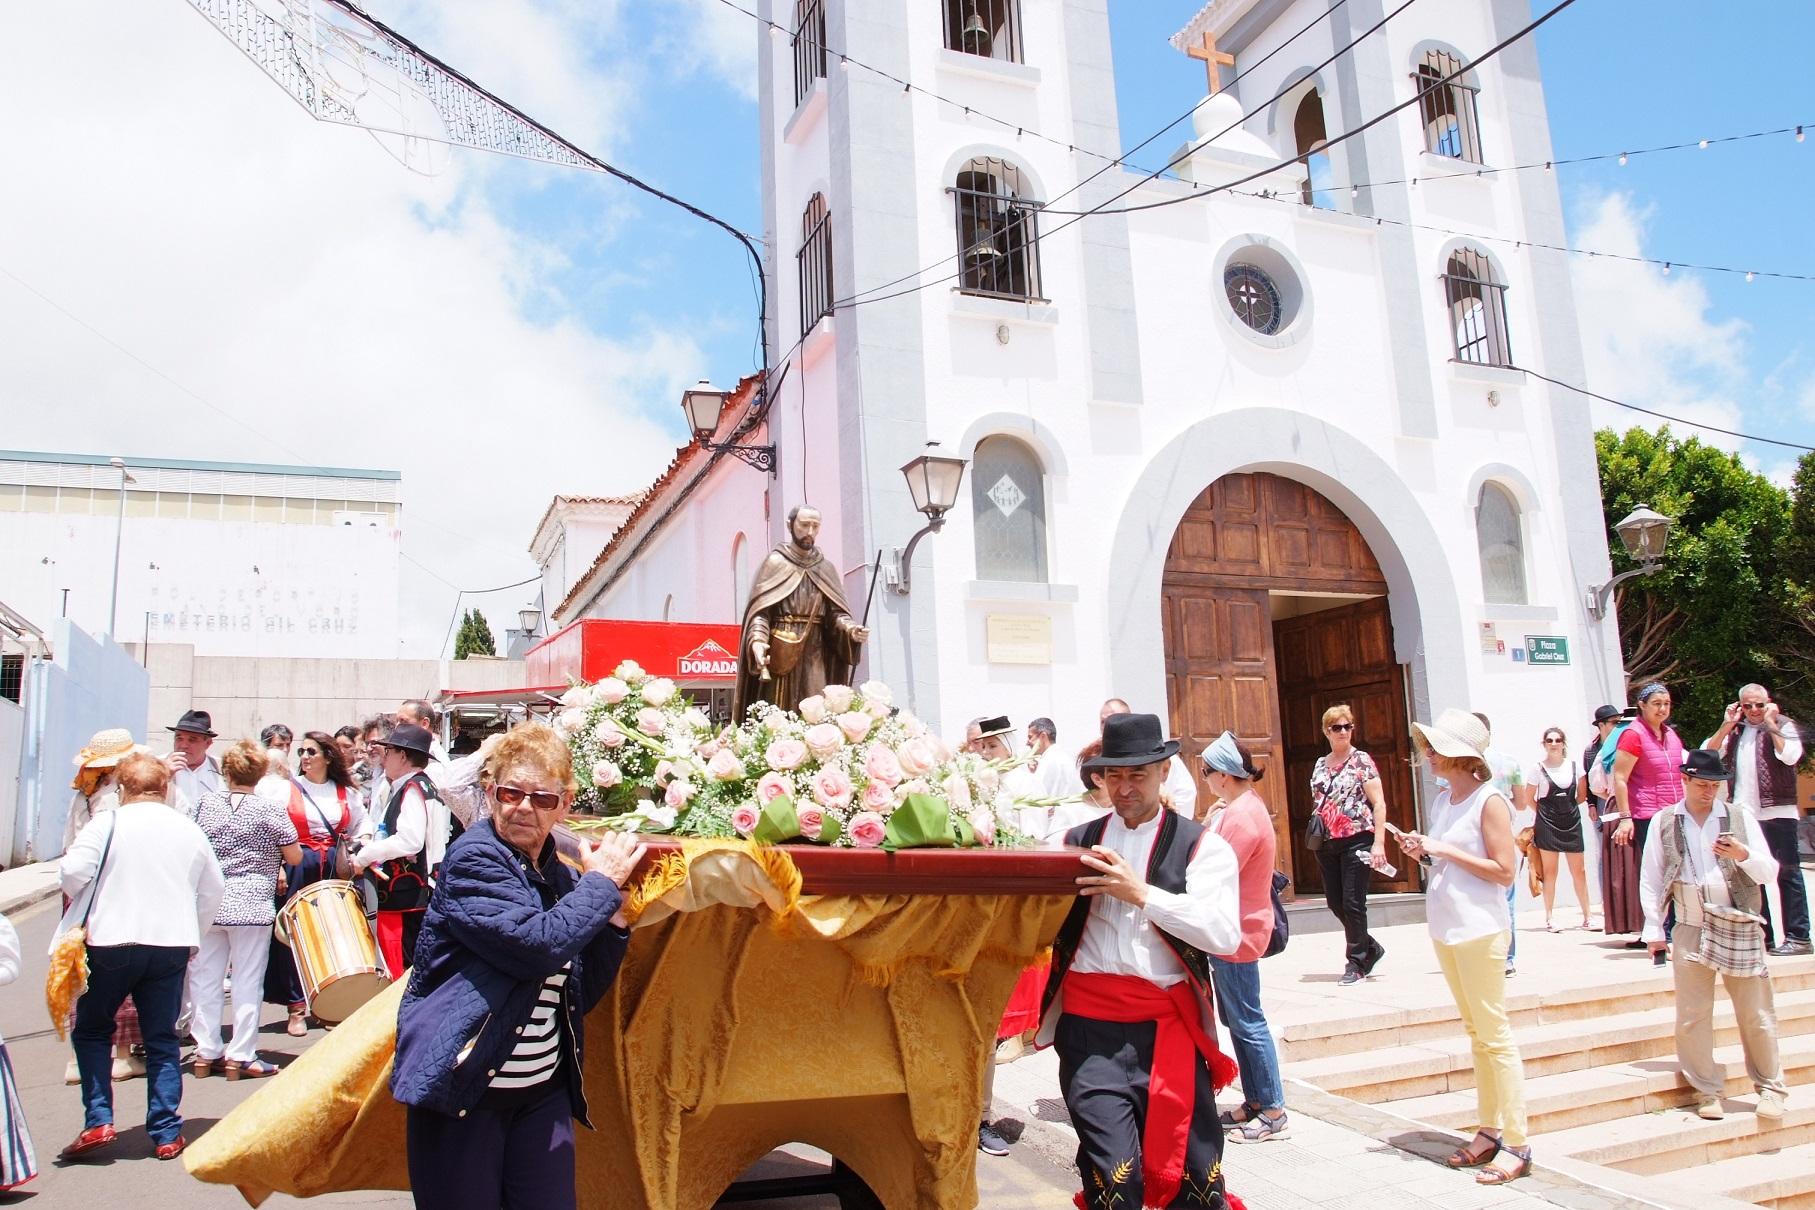 Romería Llano del Moro 2019 (4) - copia